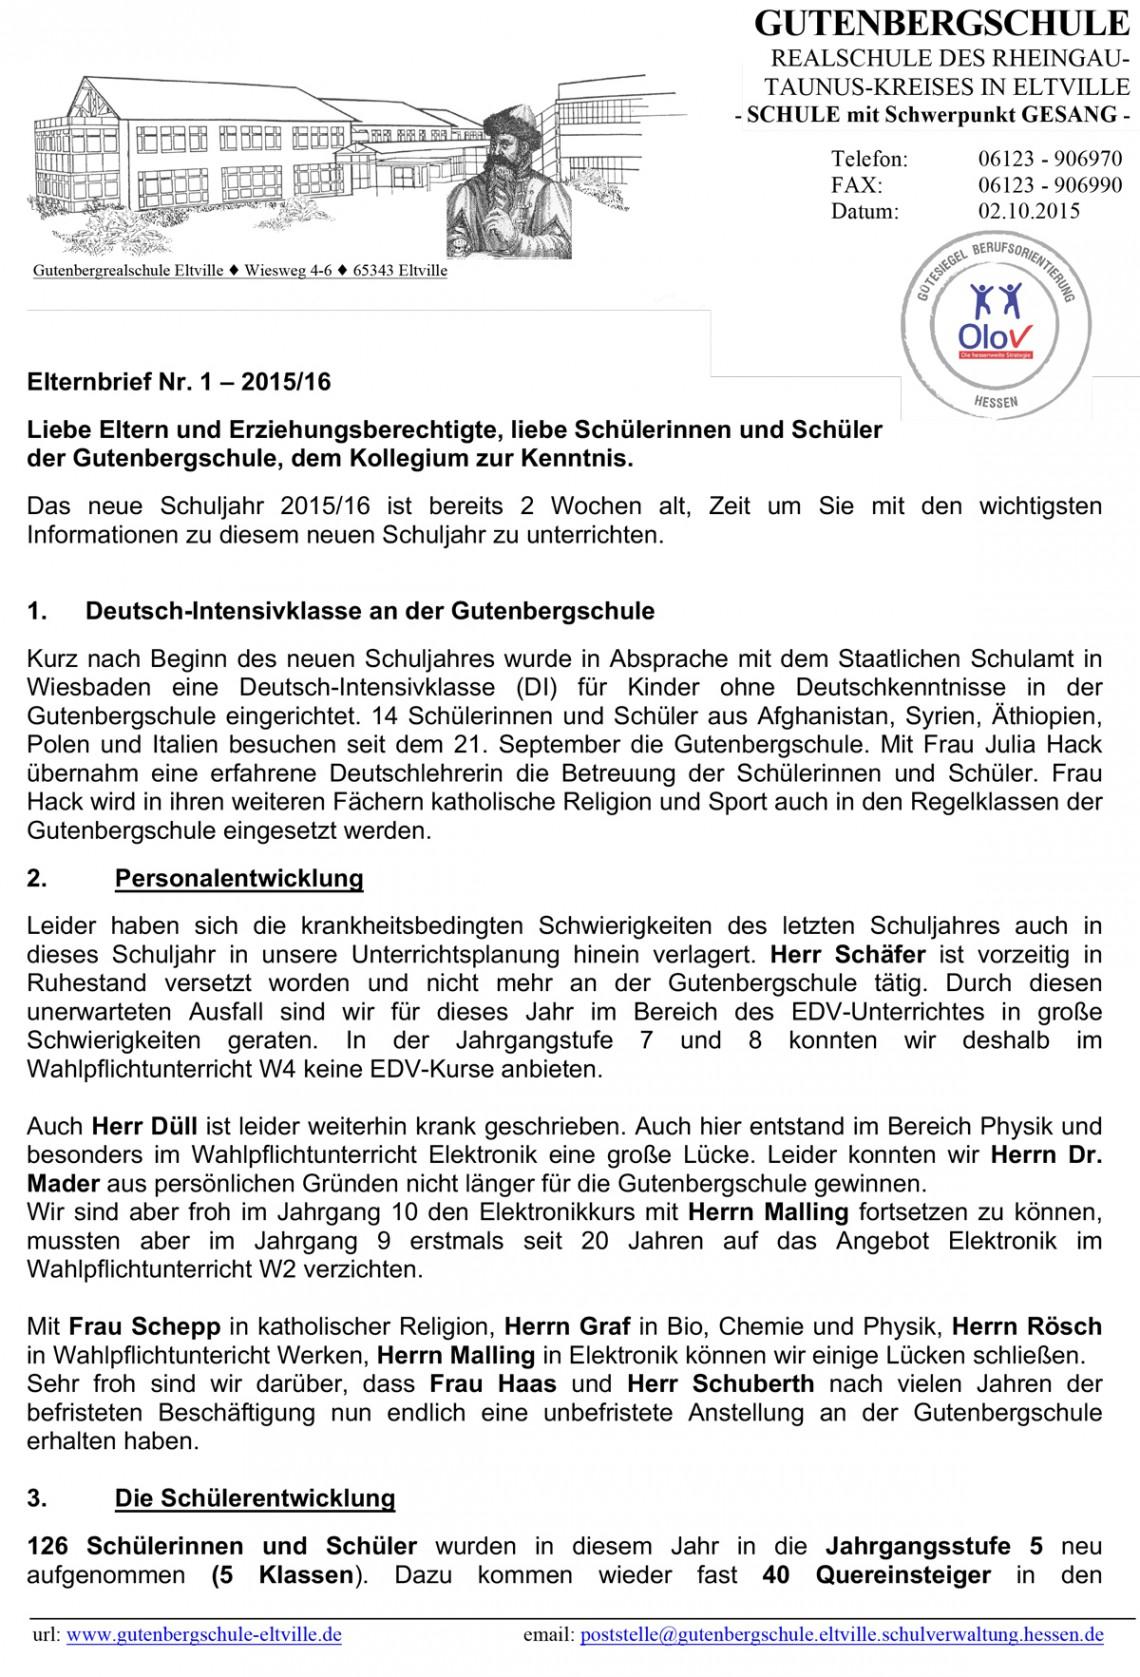 Elternbrief1-2015-2016-1